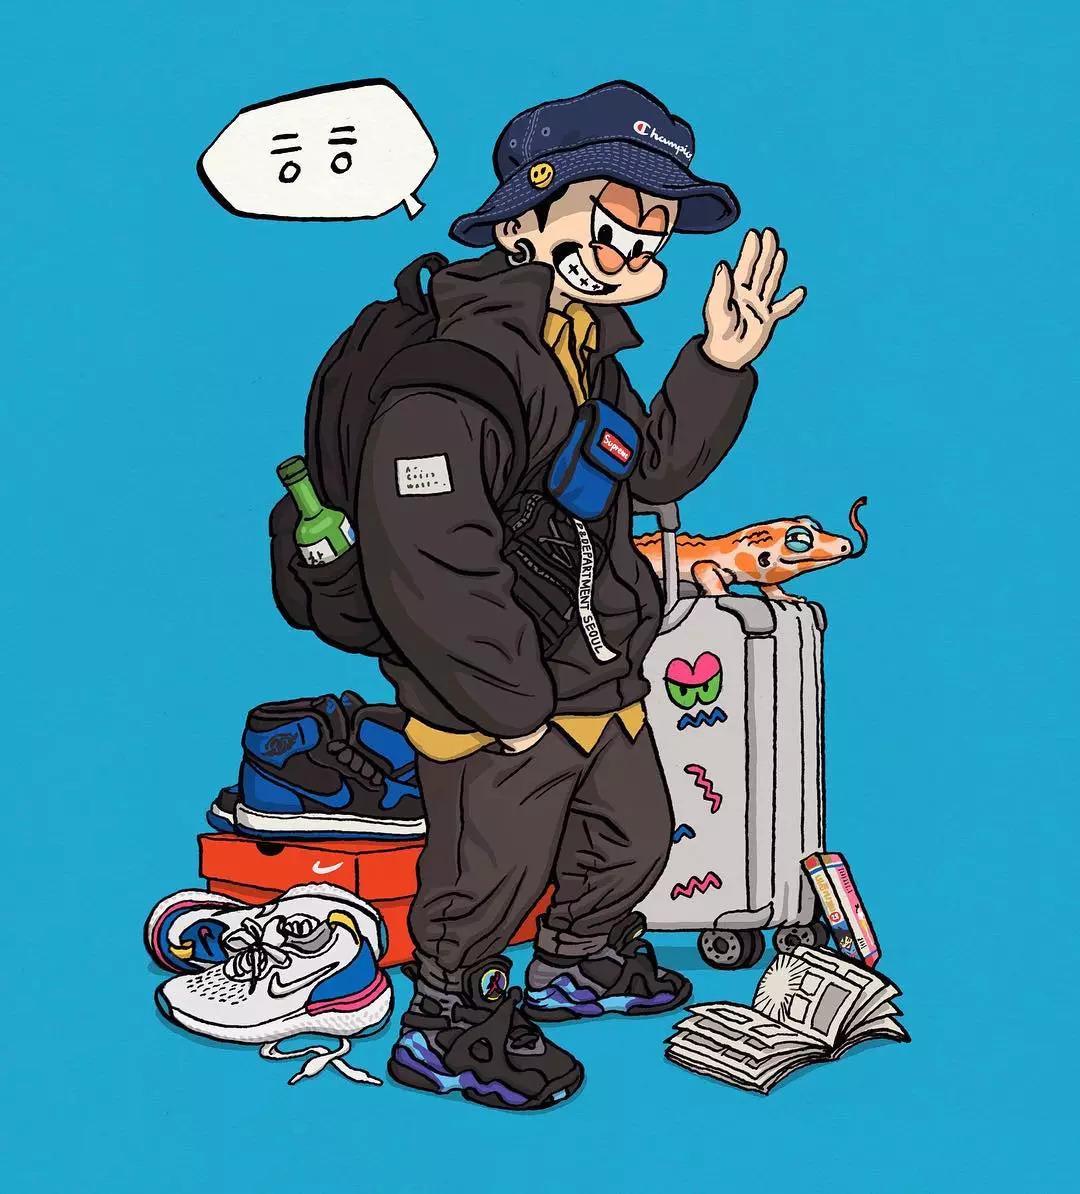 帅哥 大胆好色的漫画壁纸,居然是个韩国漫画龙公主的与潮流图片